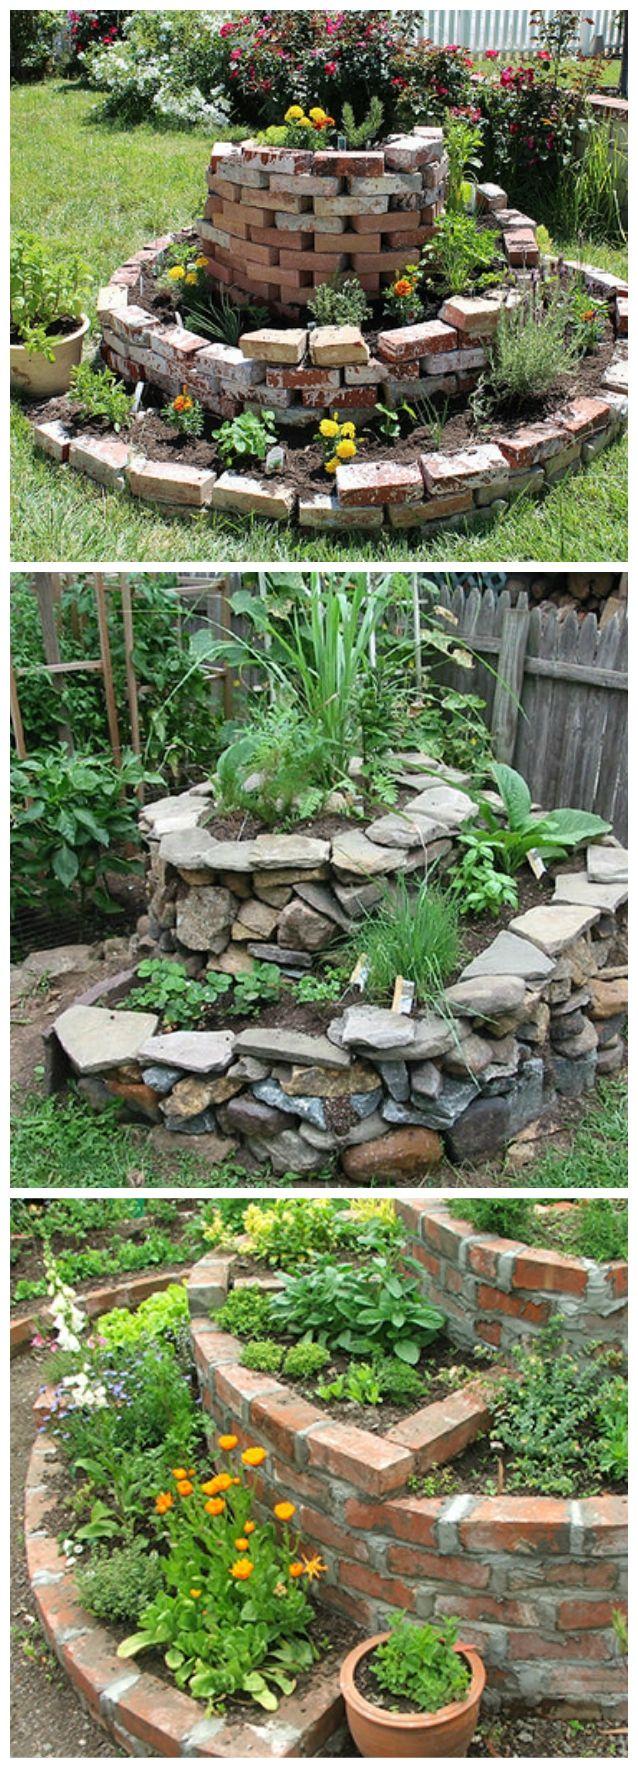 How To Build A Herb Spiral Garden Design Herb Garden 400 x 300